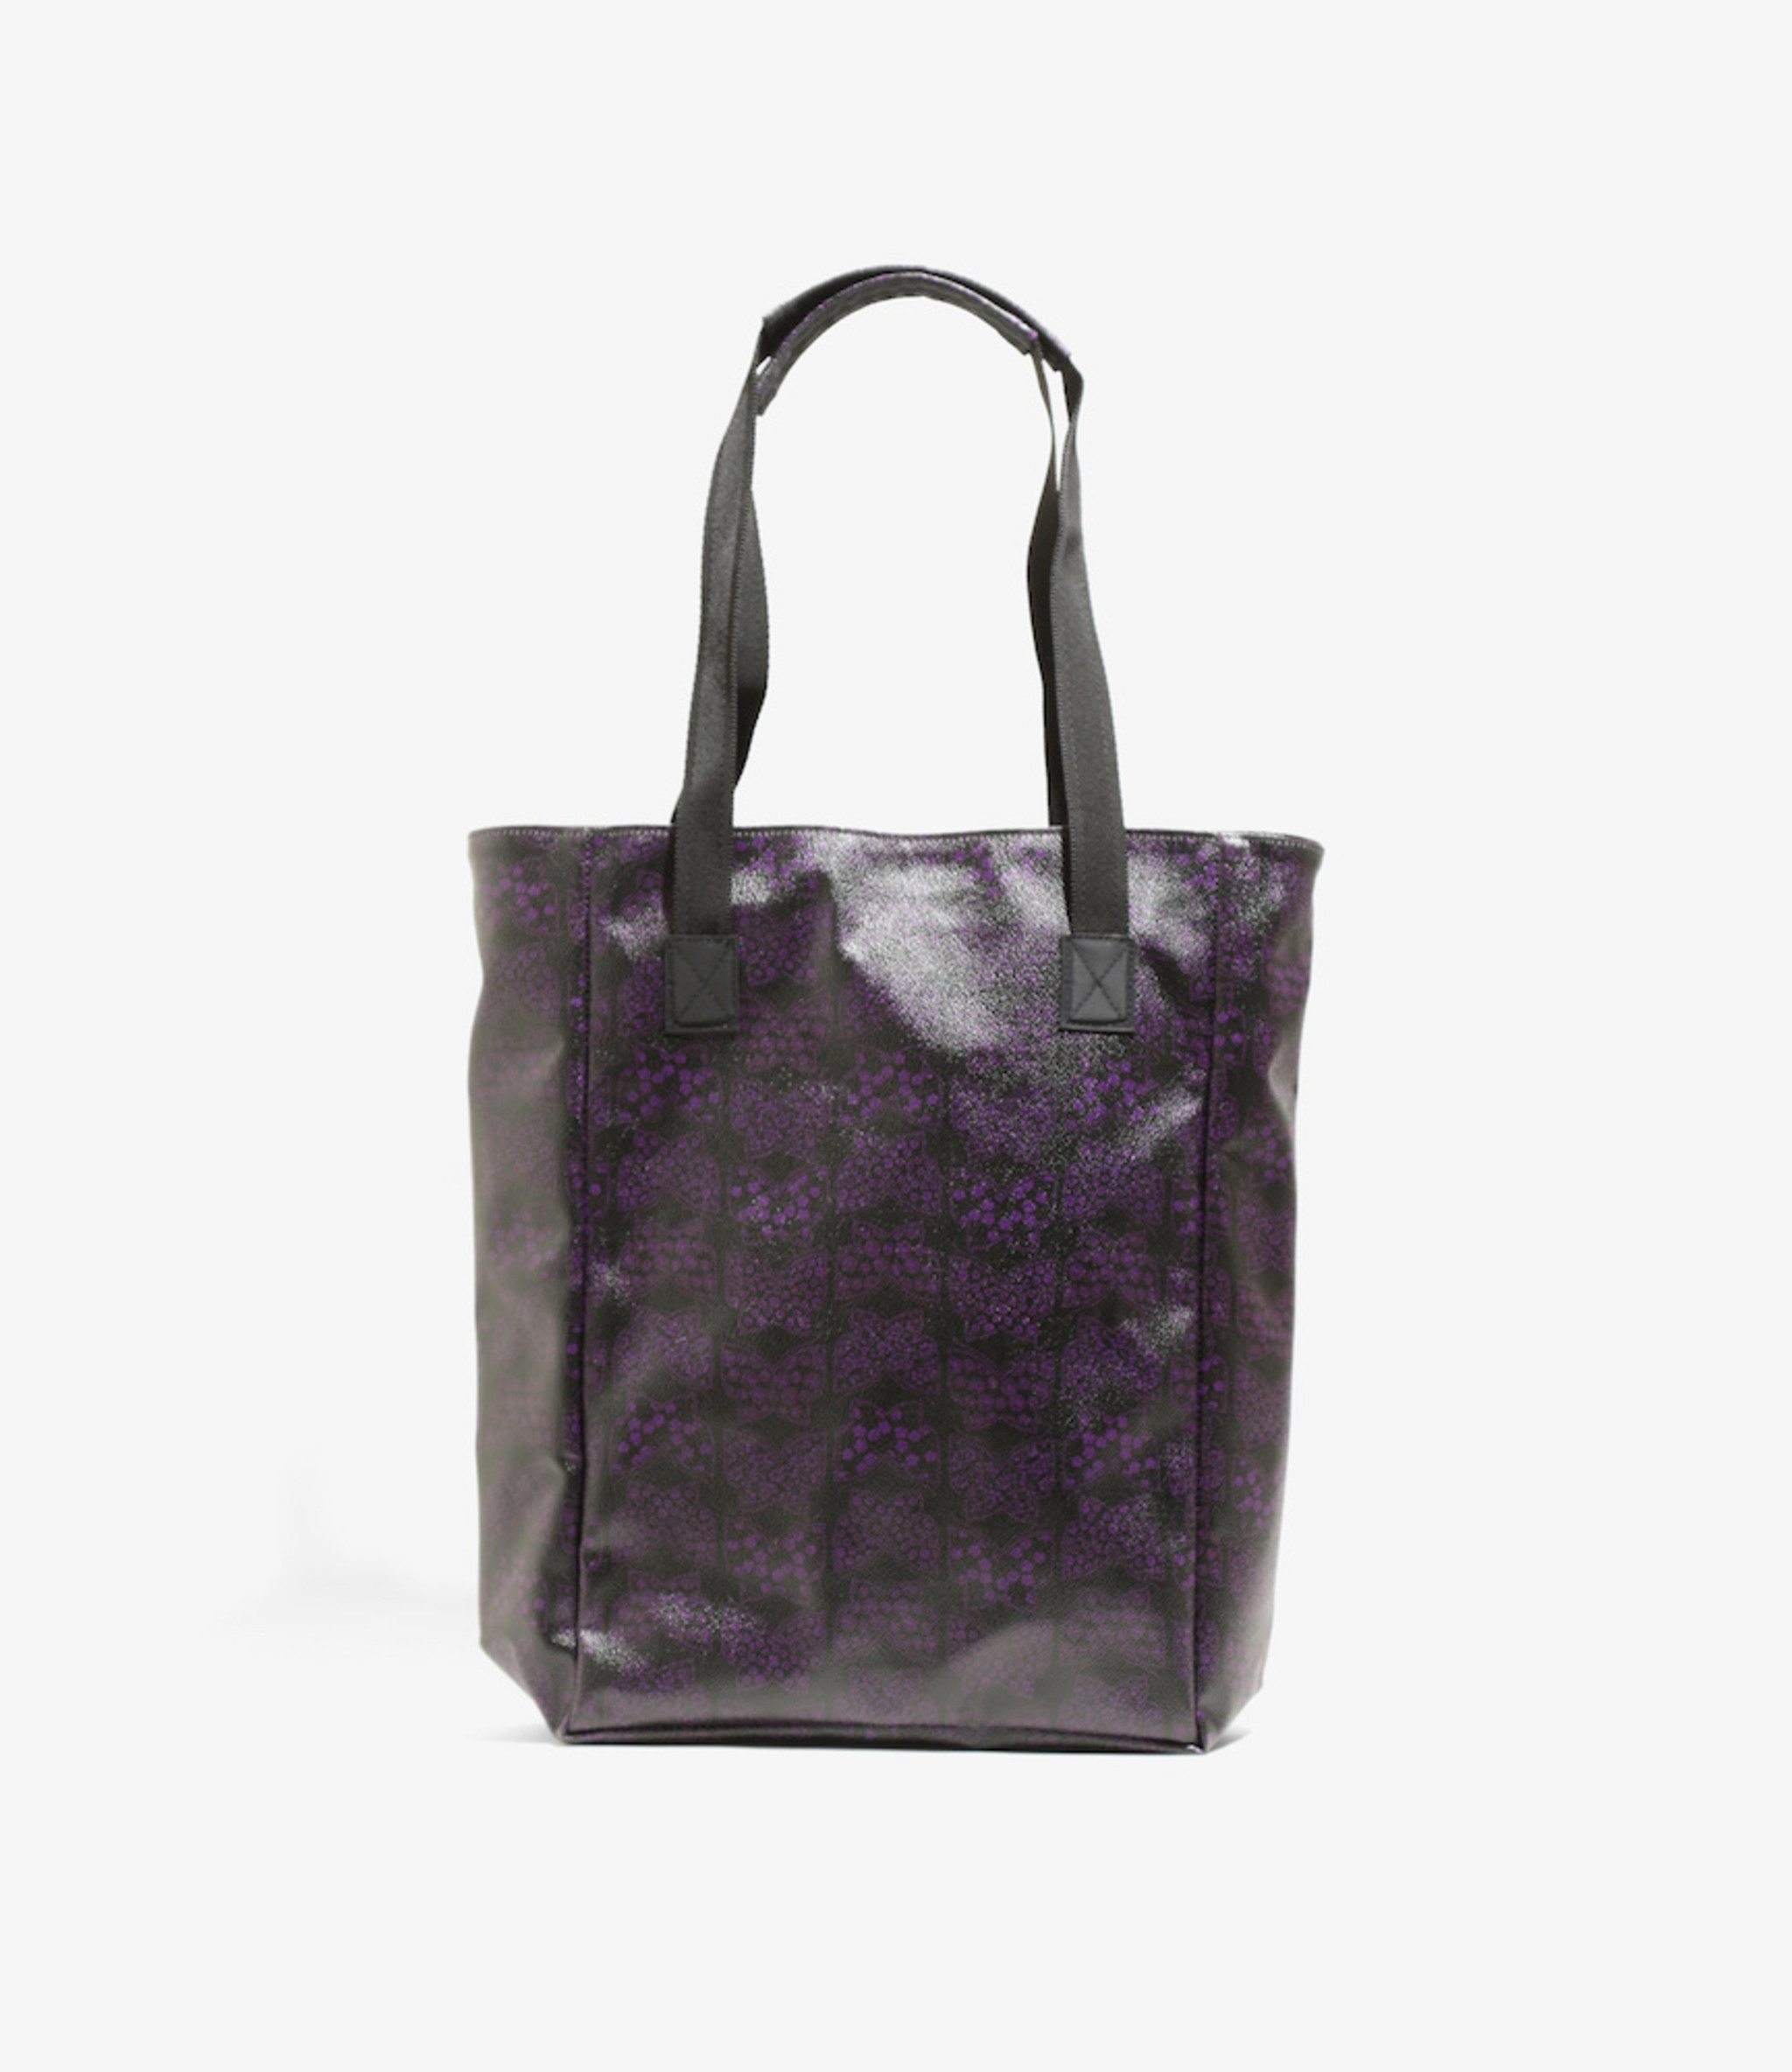 Needles Tote Bag - Papillon PVC - BLACK